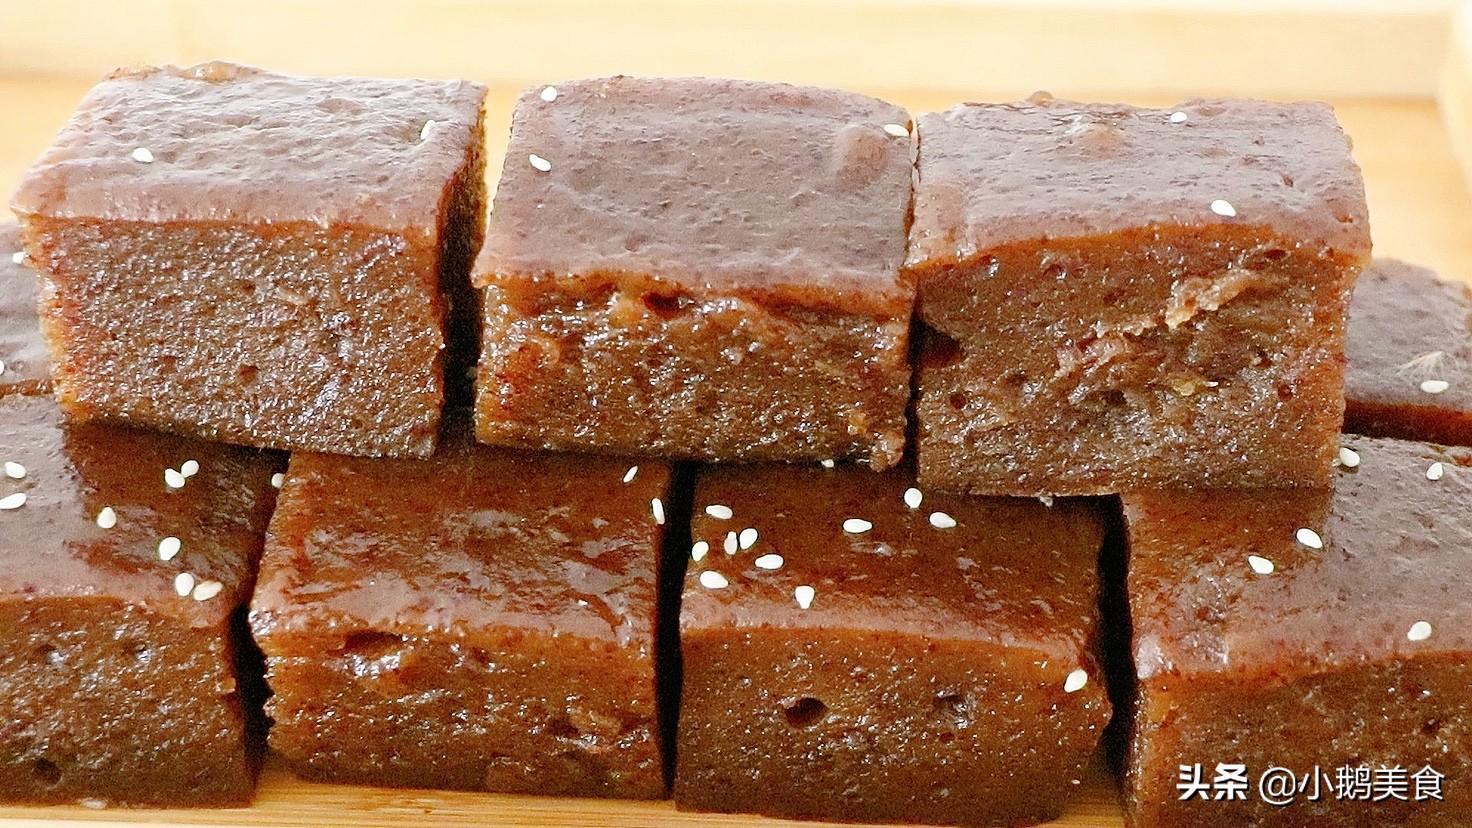 广式早点红枣糕,一拌一蒸2步搞定,冰凉香甜Q弹,夏天最爱它